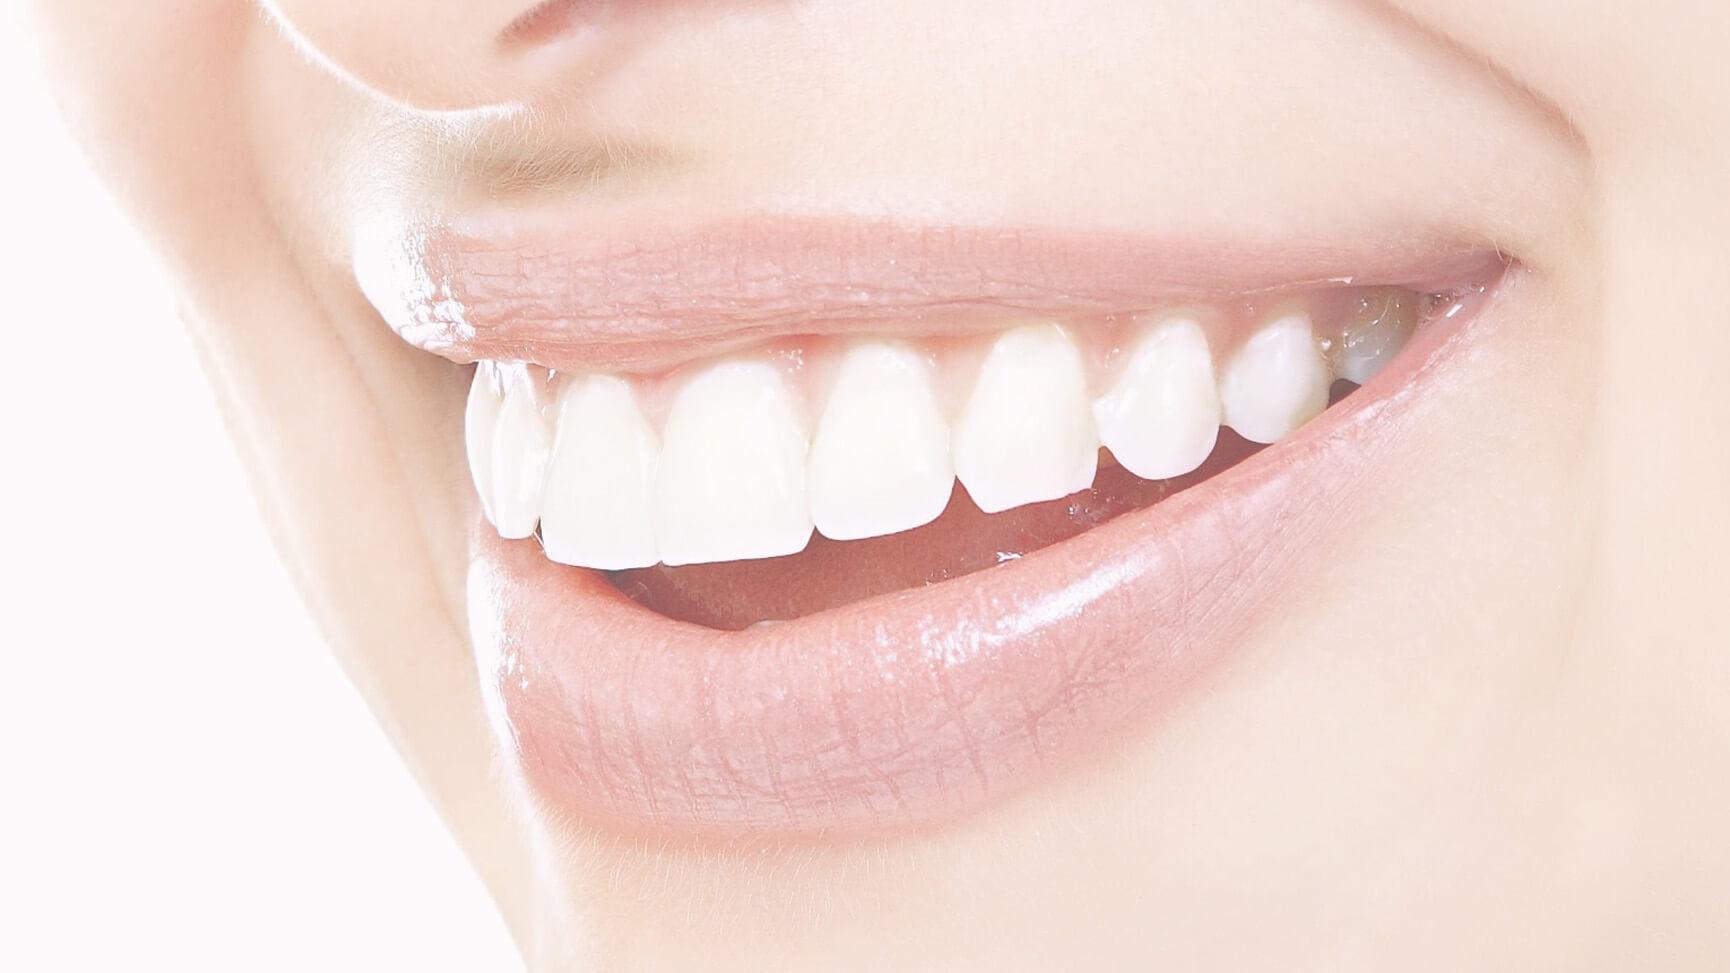 denticion o sonrisa perfecta